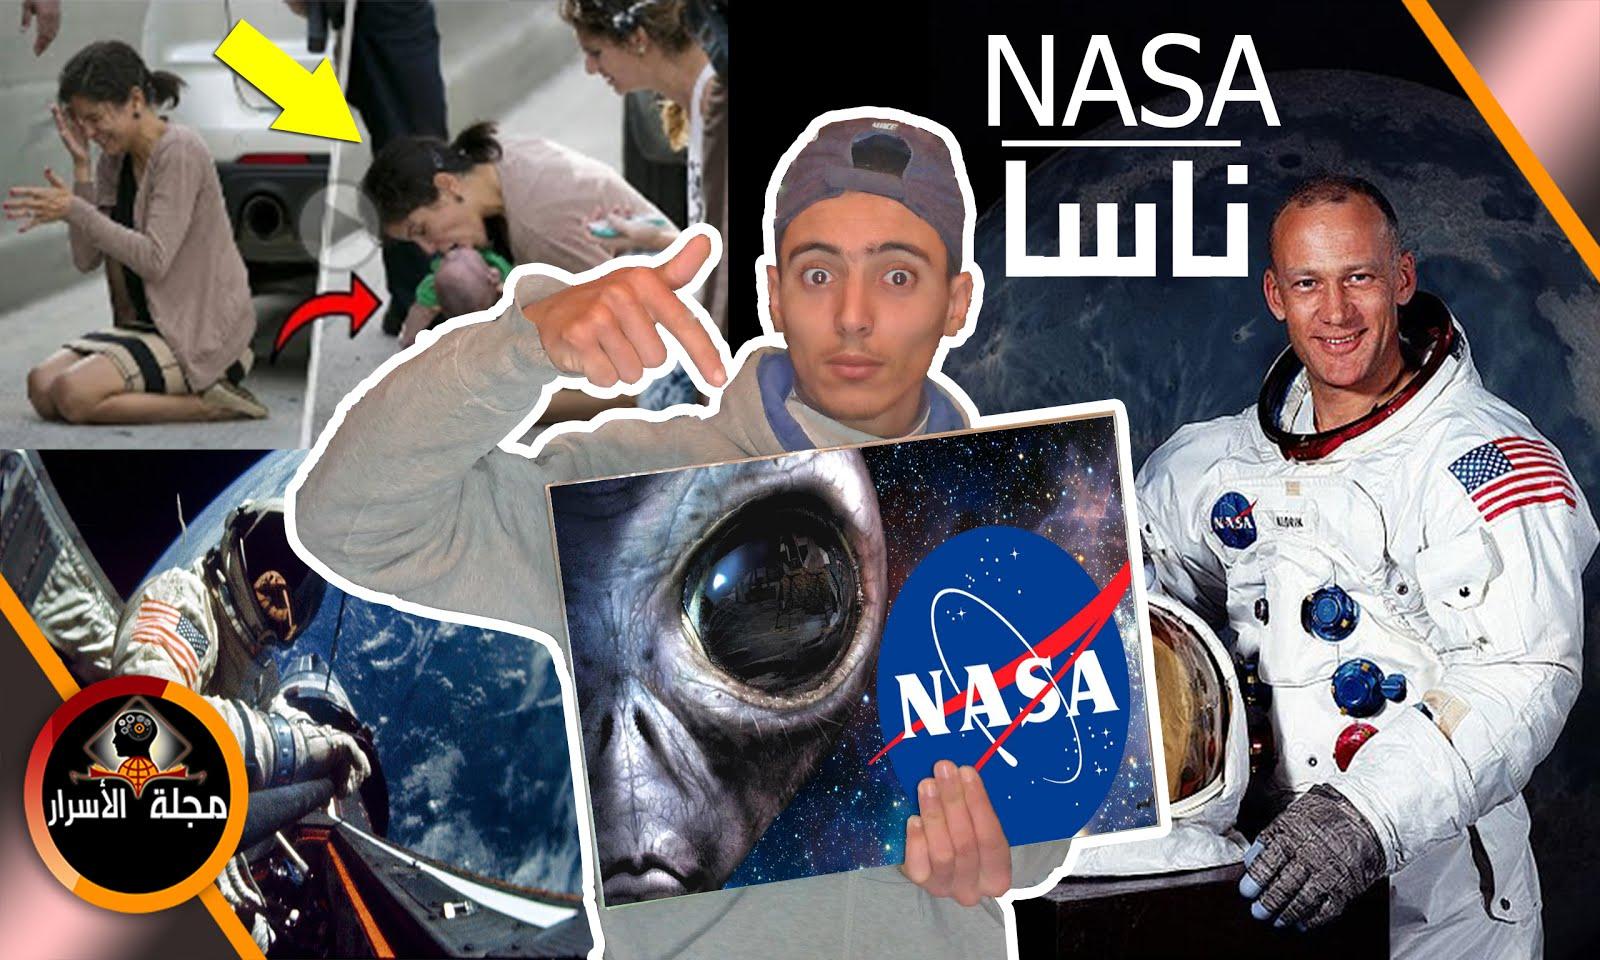 خمسة أسرار غامضة تُخفيها ناسا عن البشرية ولا تُريدك أن تكتشفها NASA SECRETS